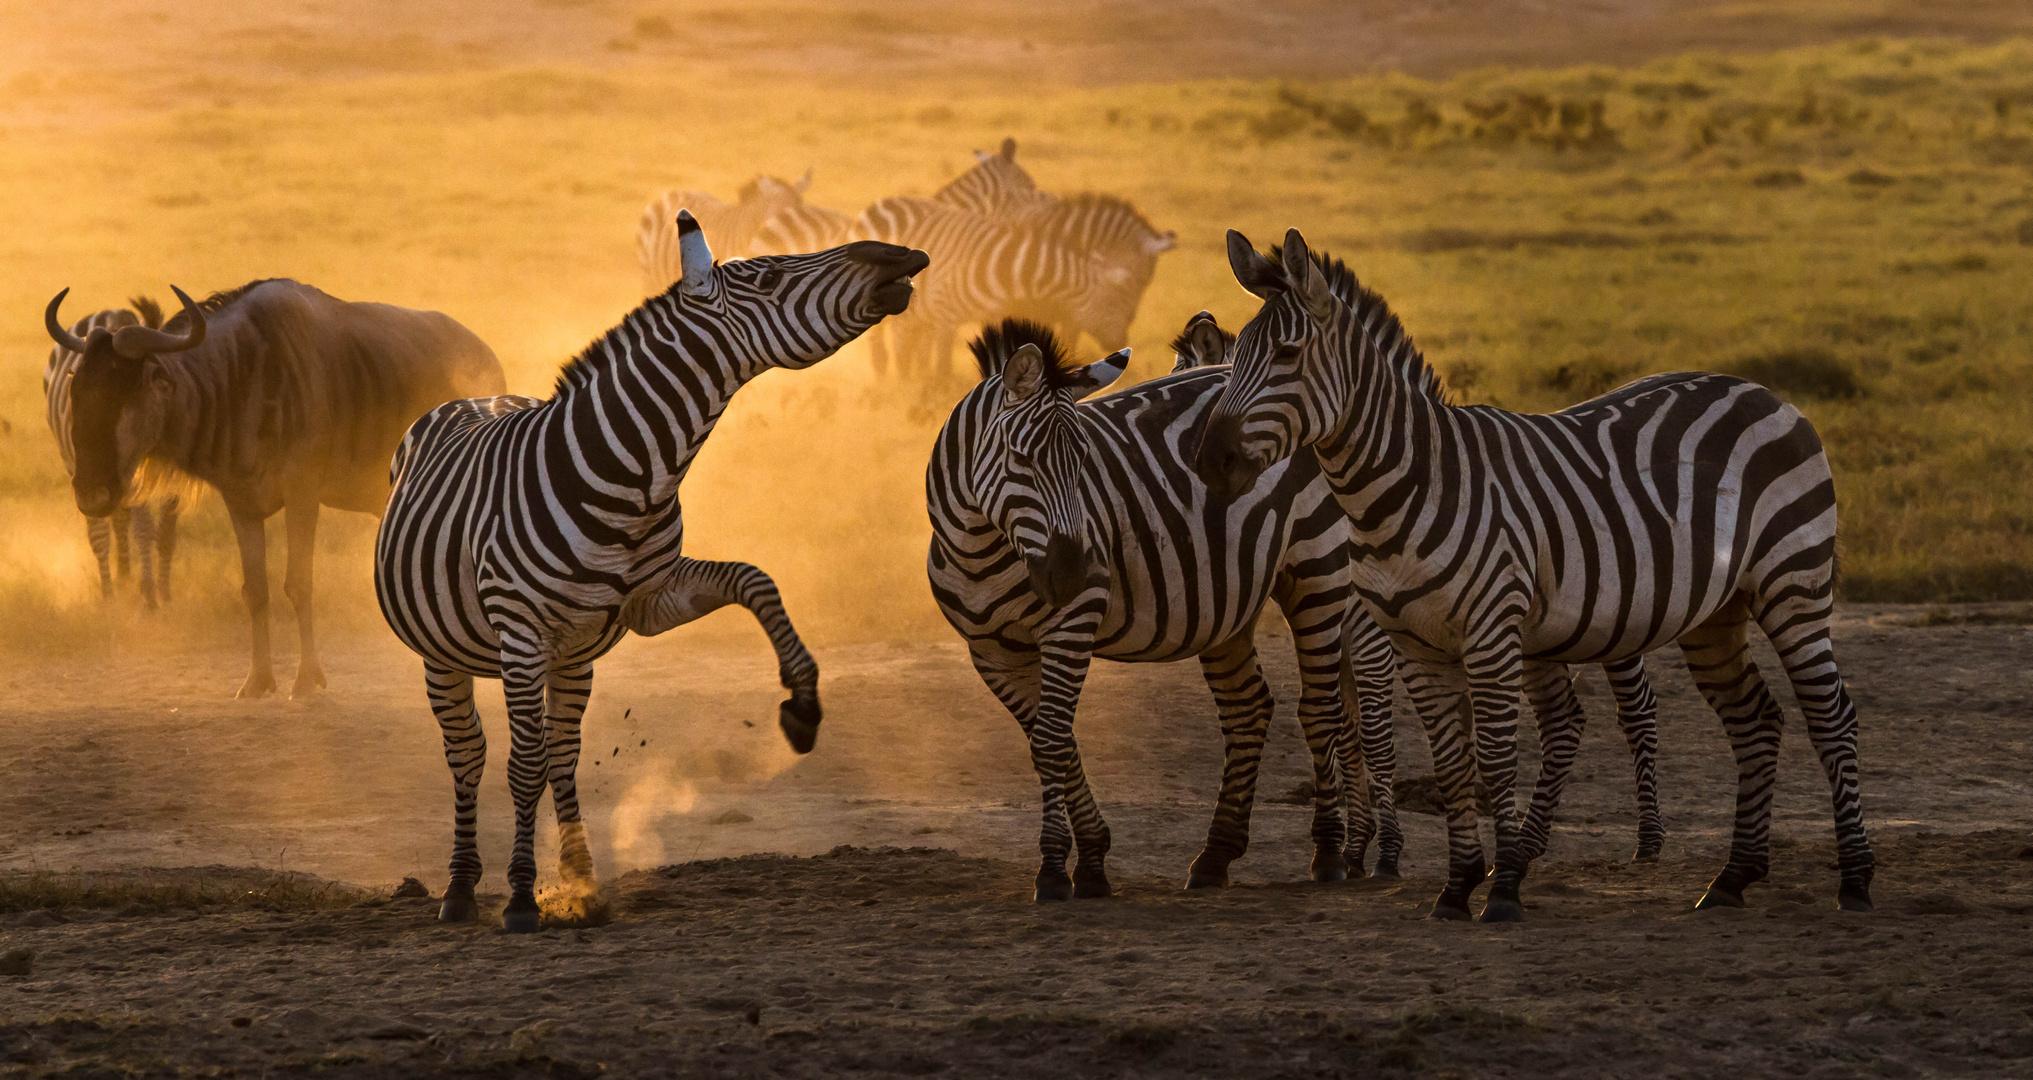 Zebras im Gegenlicht bei Sonnenuntergang